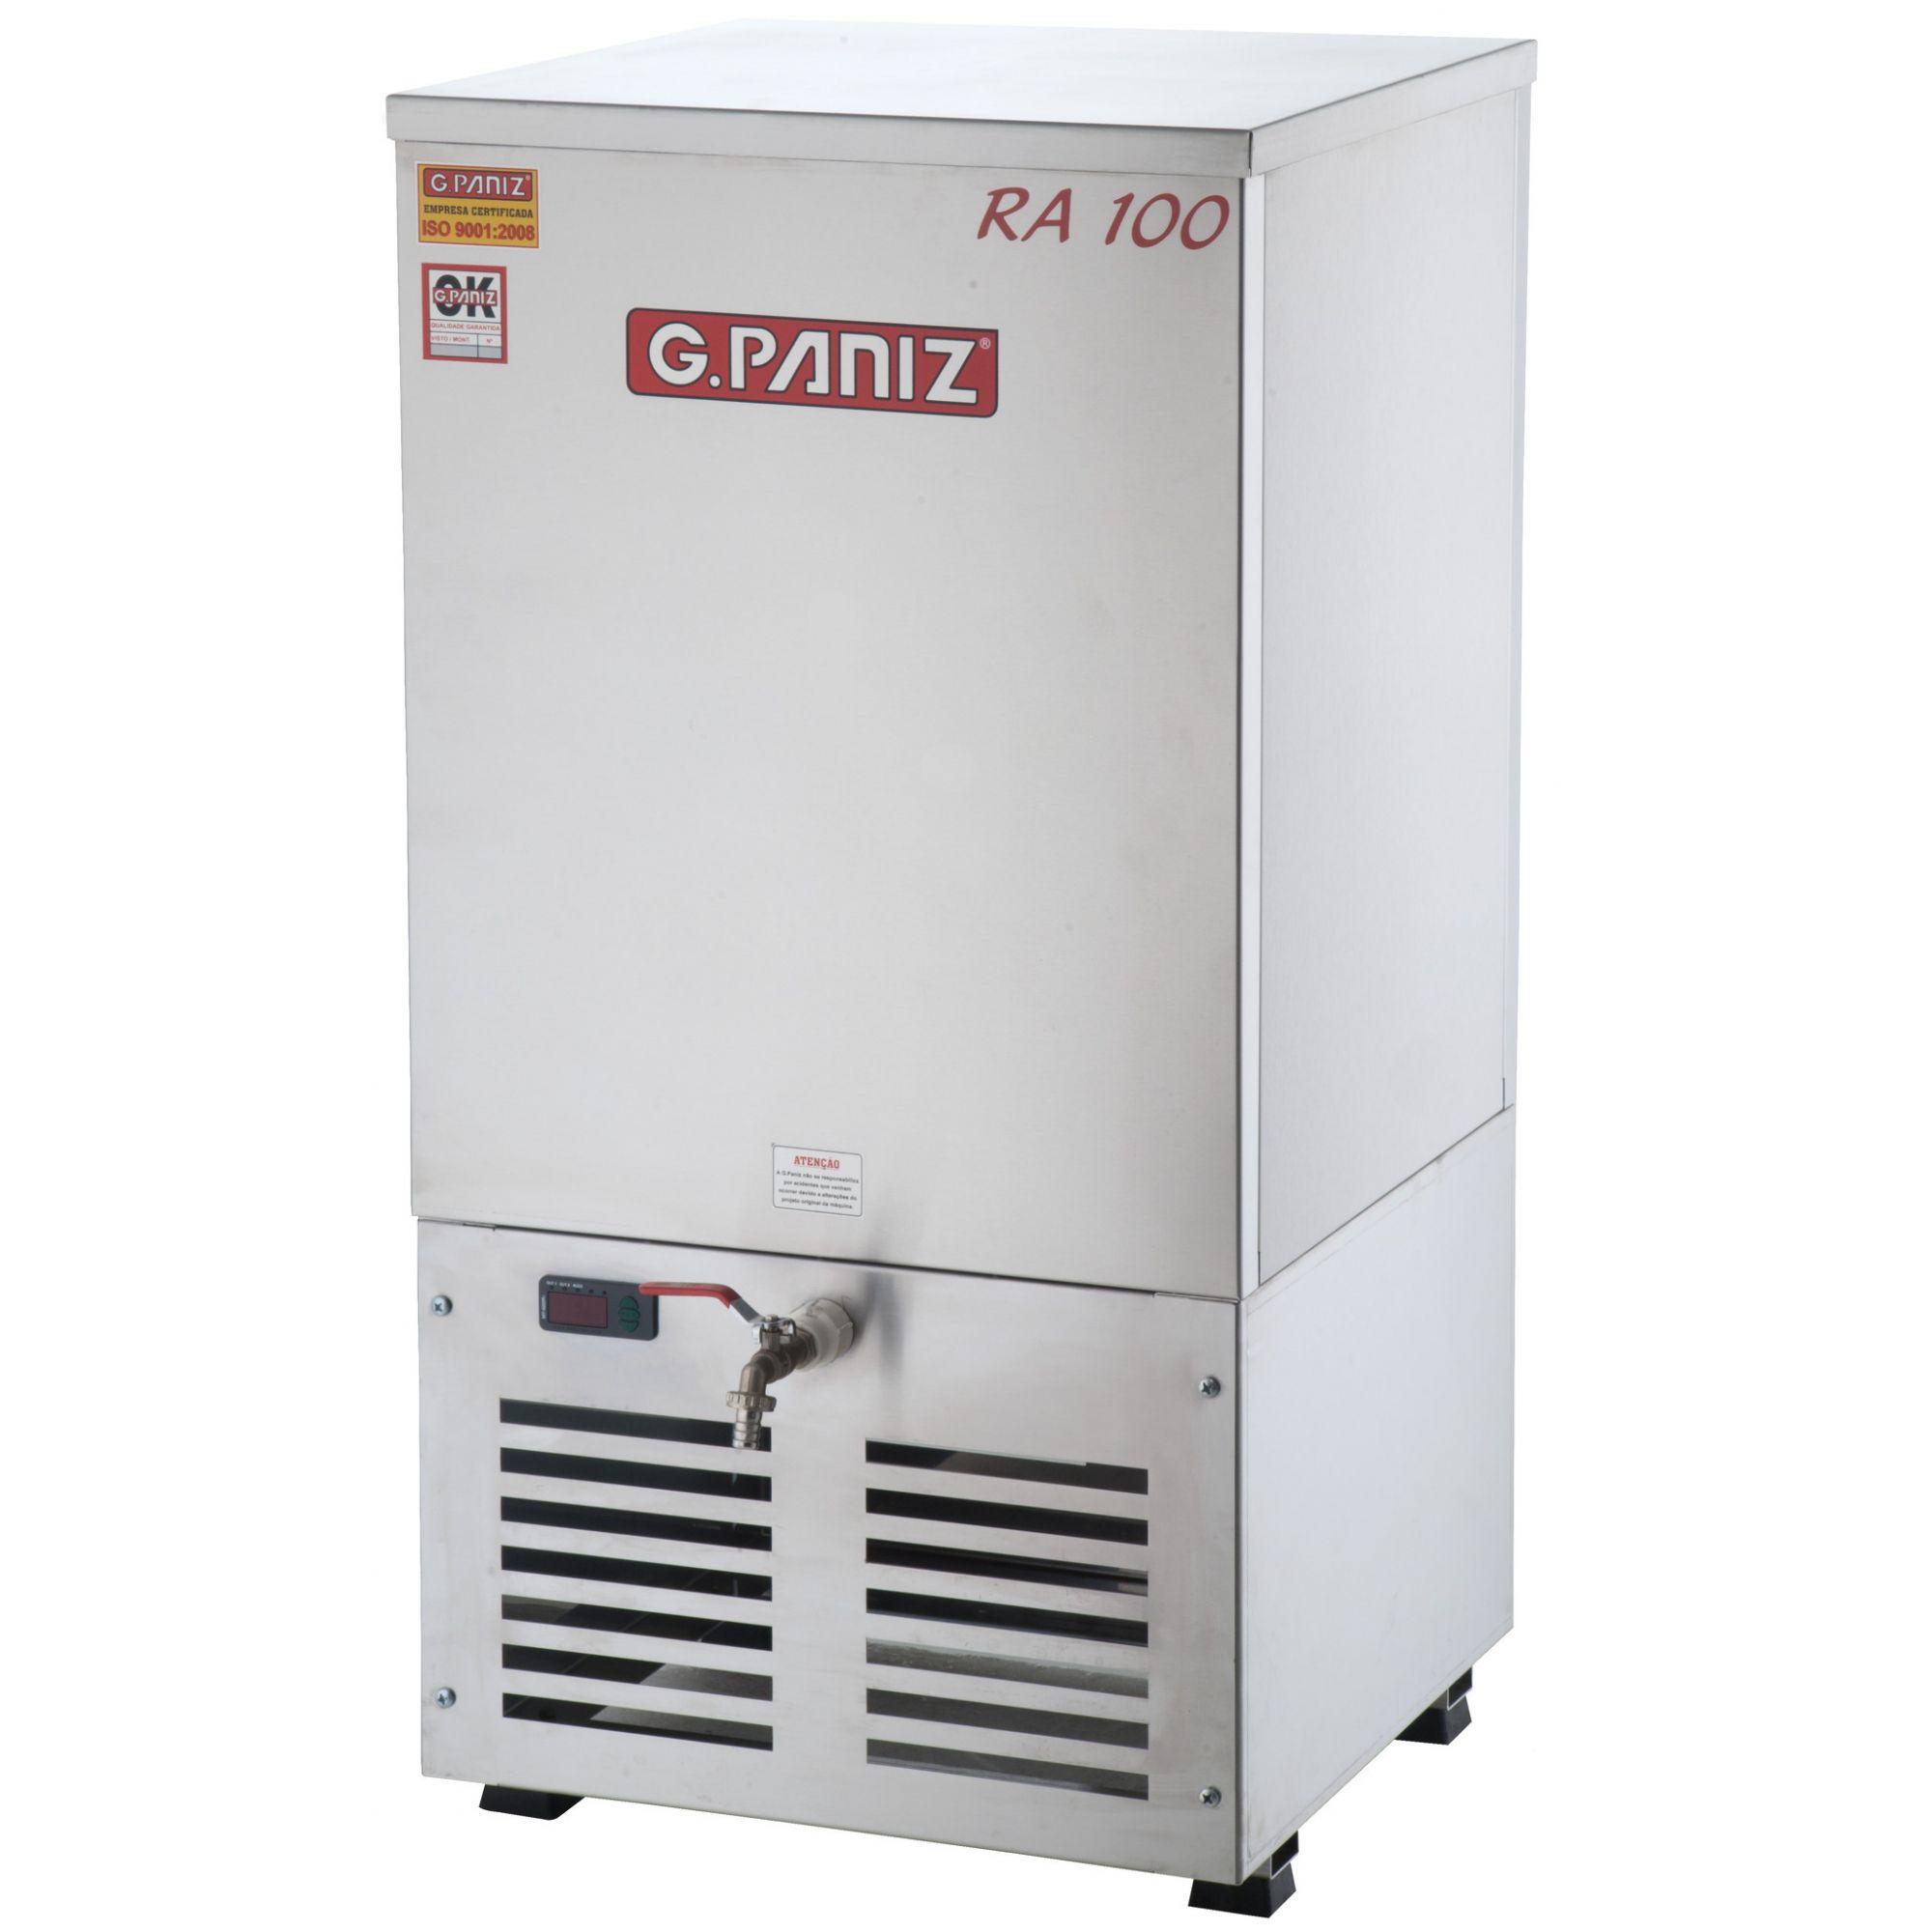 Resfriador de Água 100 Litros G.Paniz - RA 100 Plus  - Carmel Equipamentos